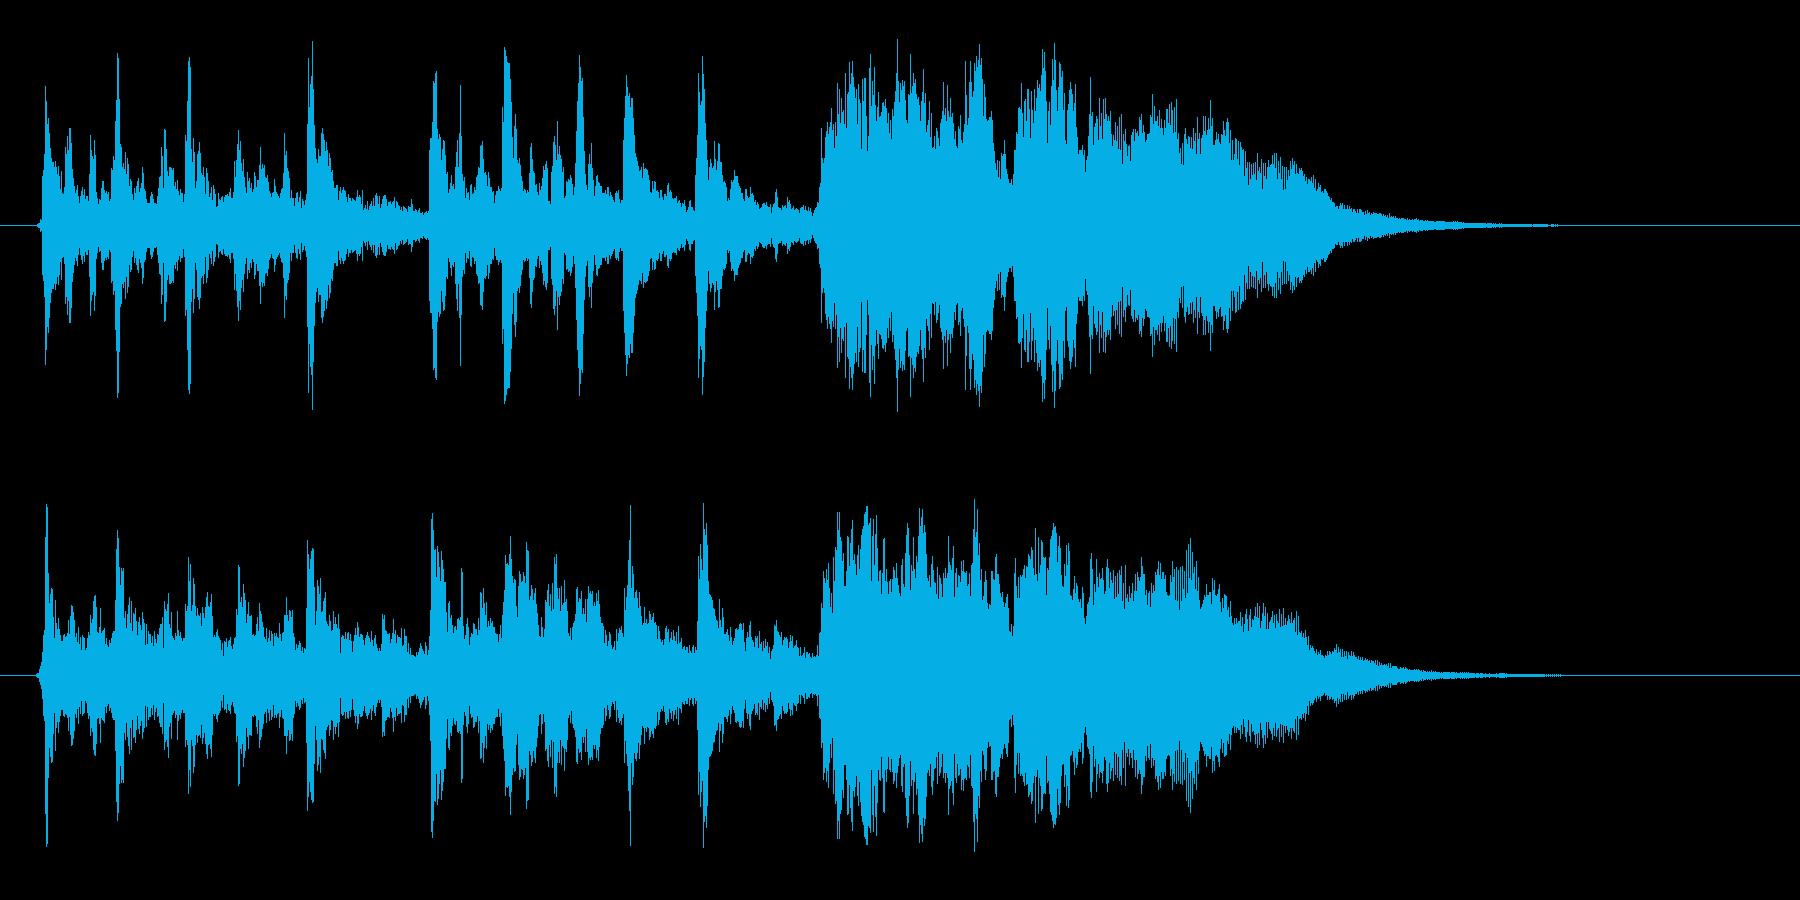 幻想的なハーモニー音楽の再生済みの波形